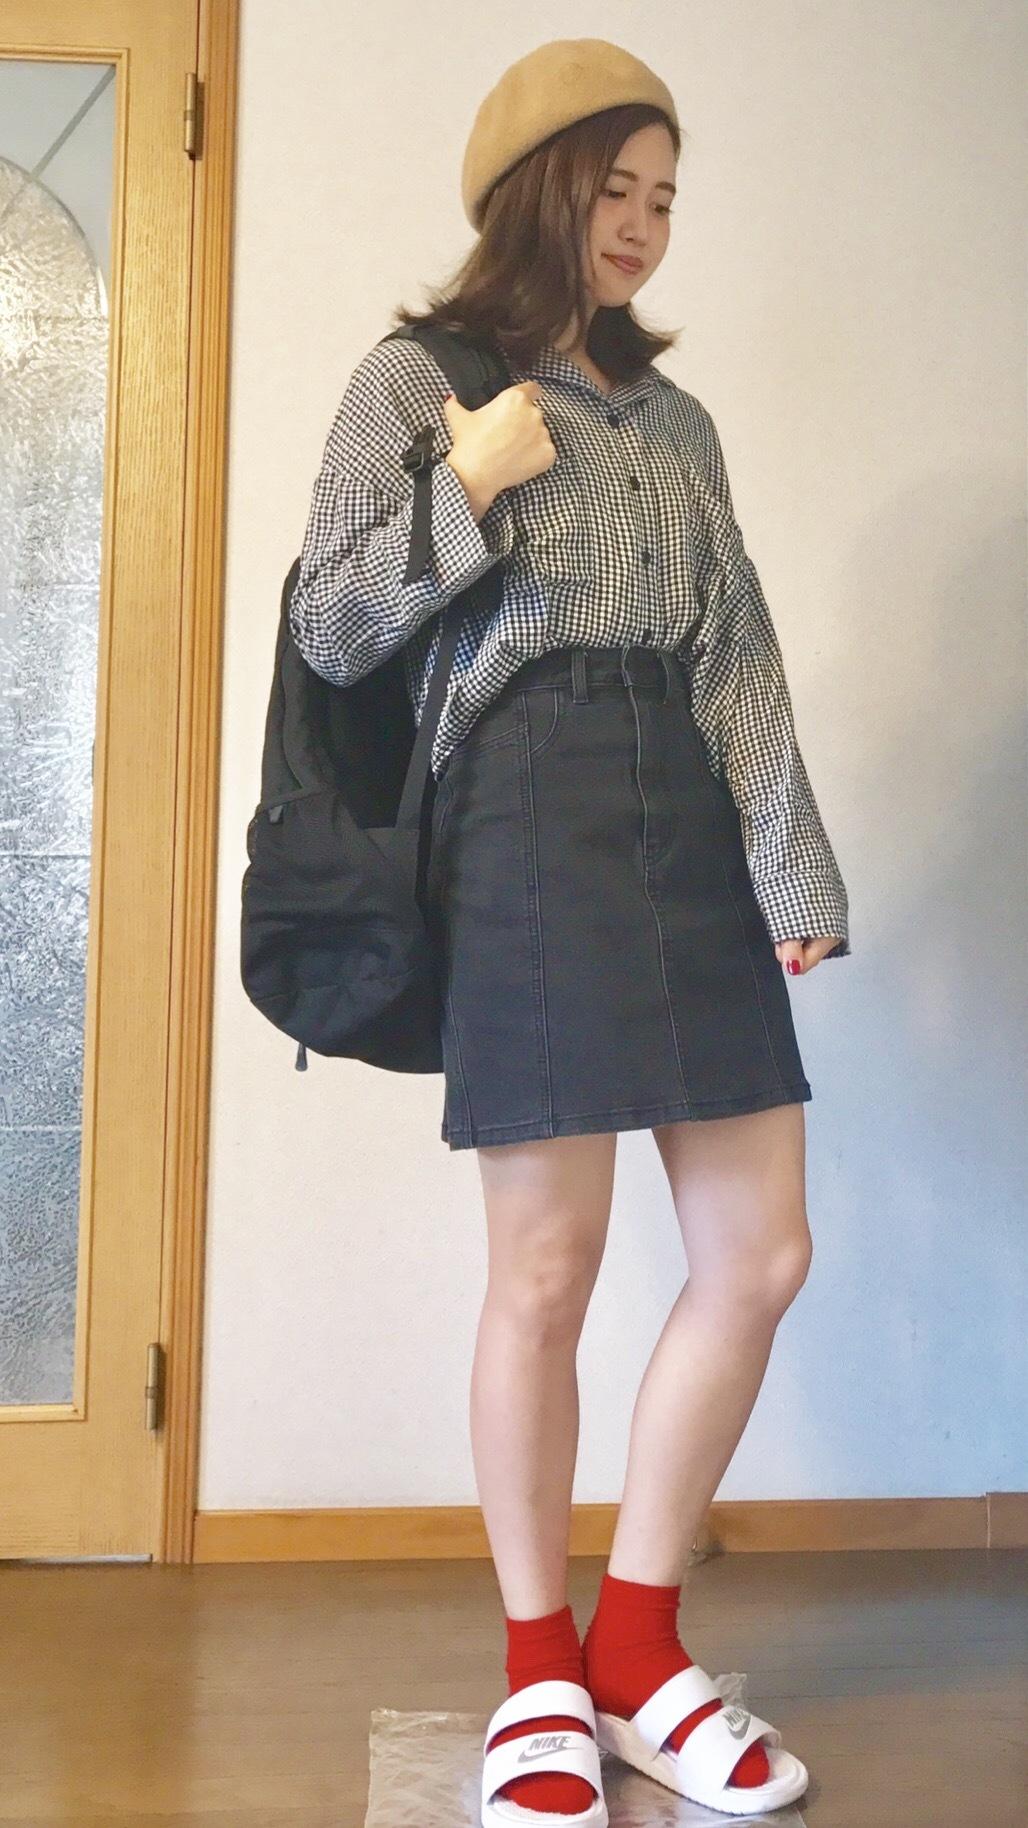 【この季節何着る?】ギンガムチェックの開襟シャツを着回し୧⃛(๑⃙⃘•ω•๑⃙⃘)୨⃛♪♪_1_2